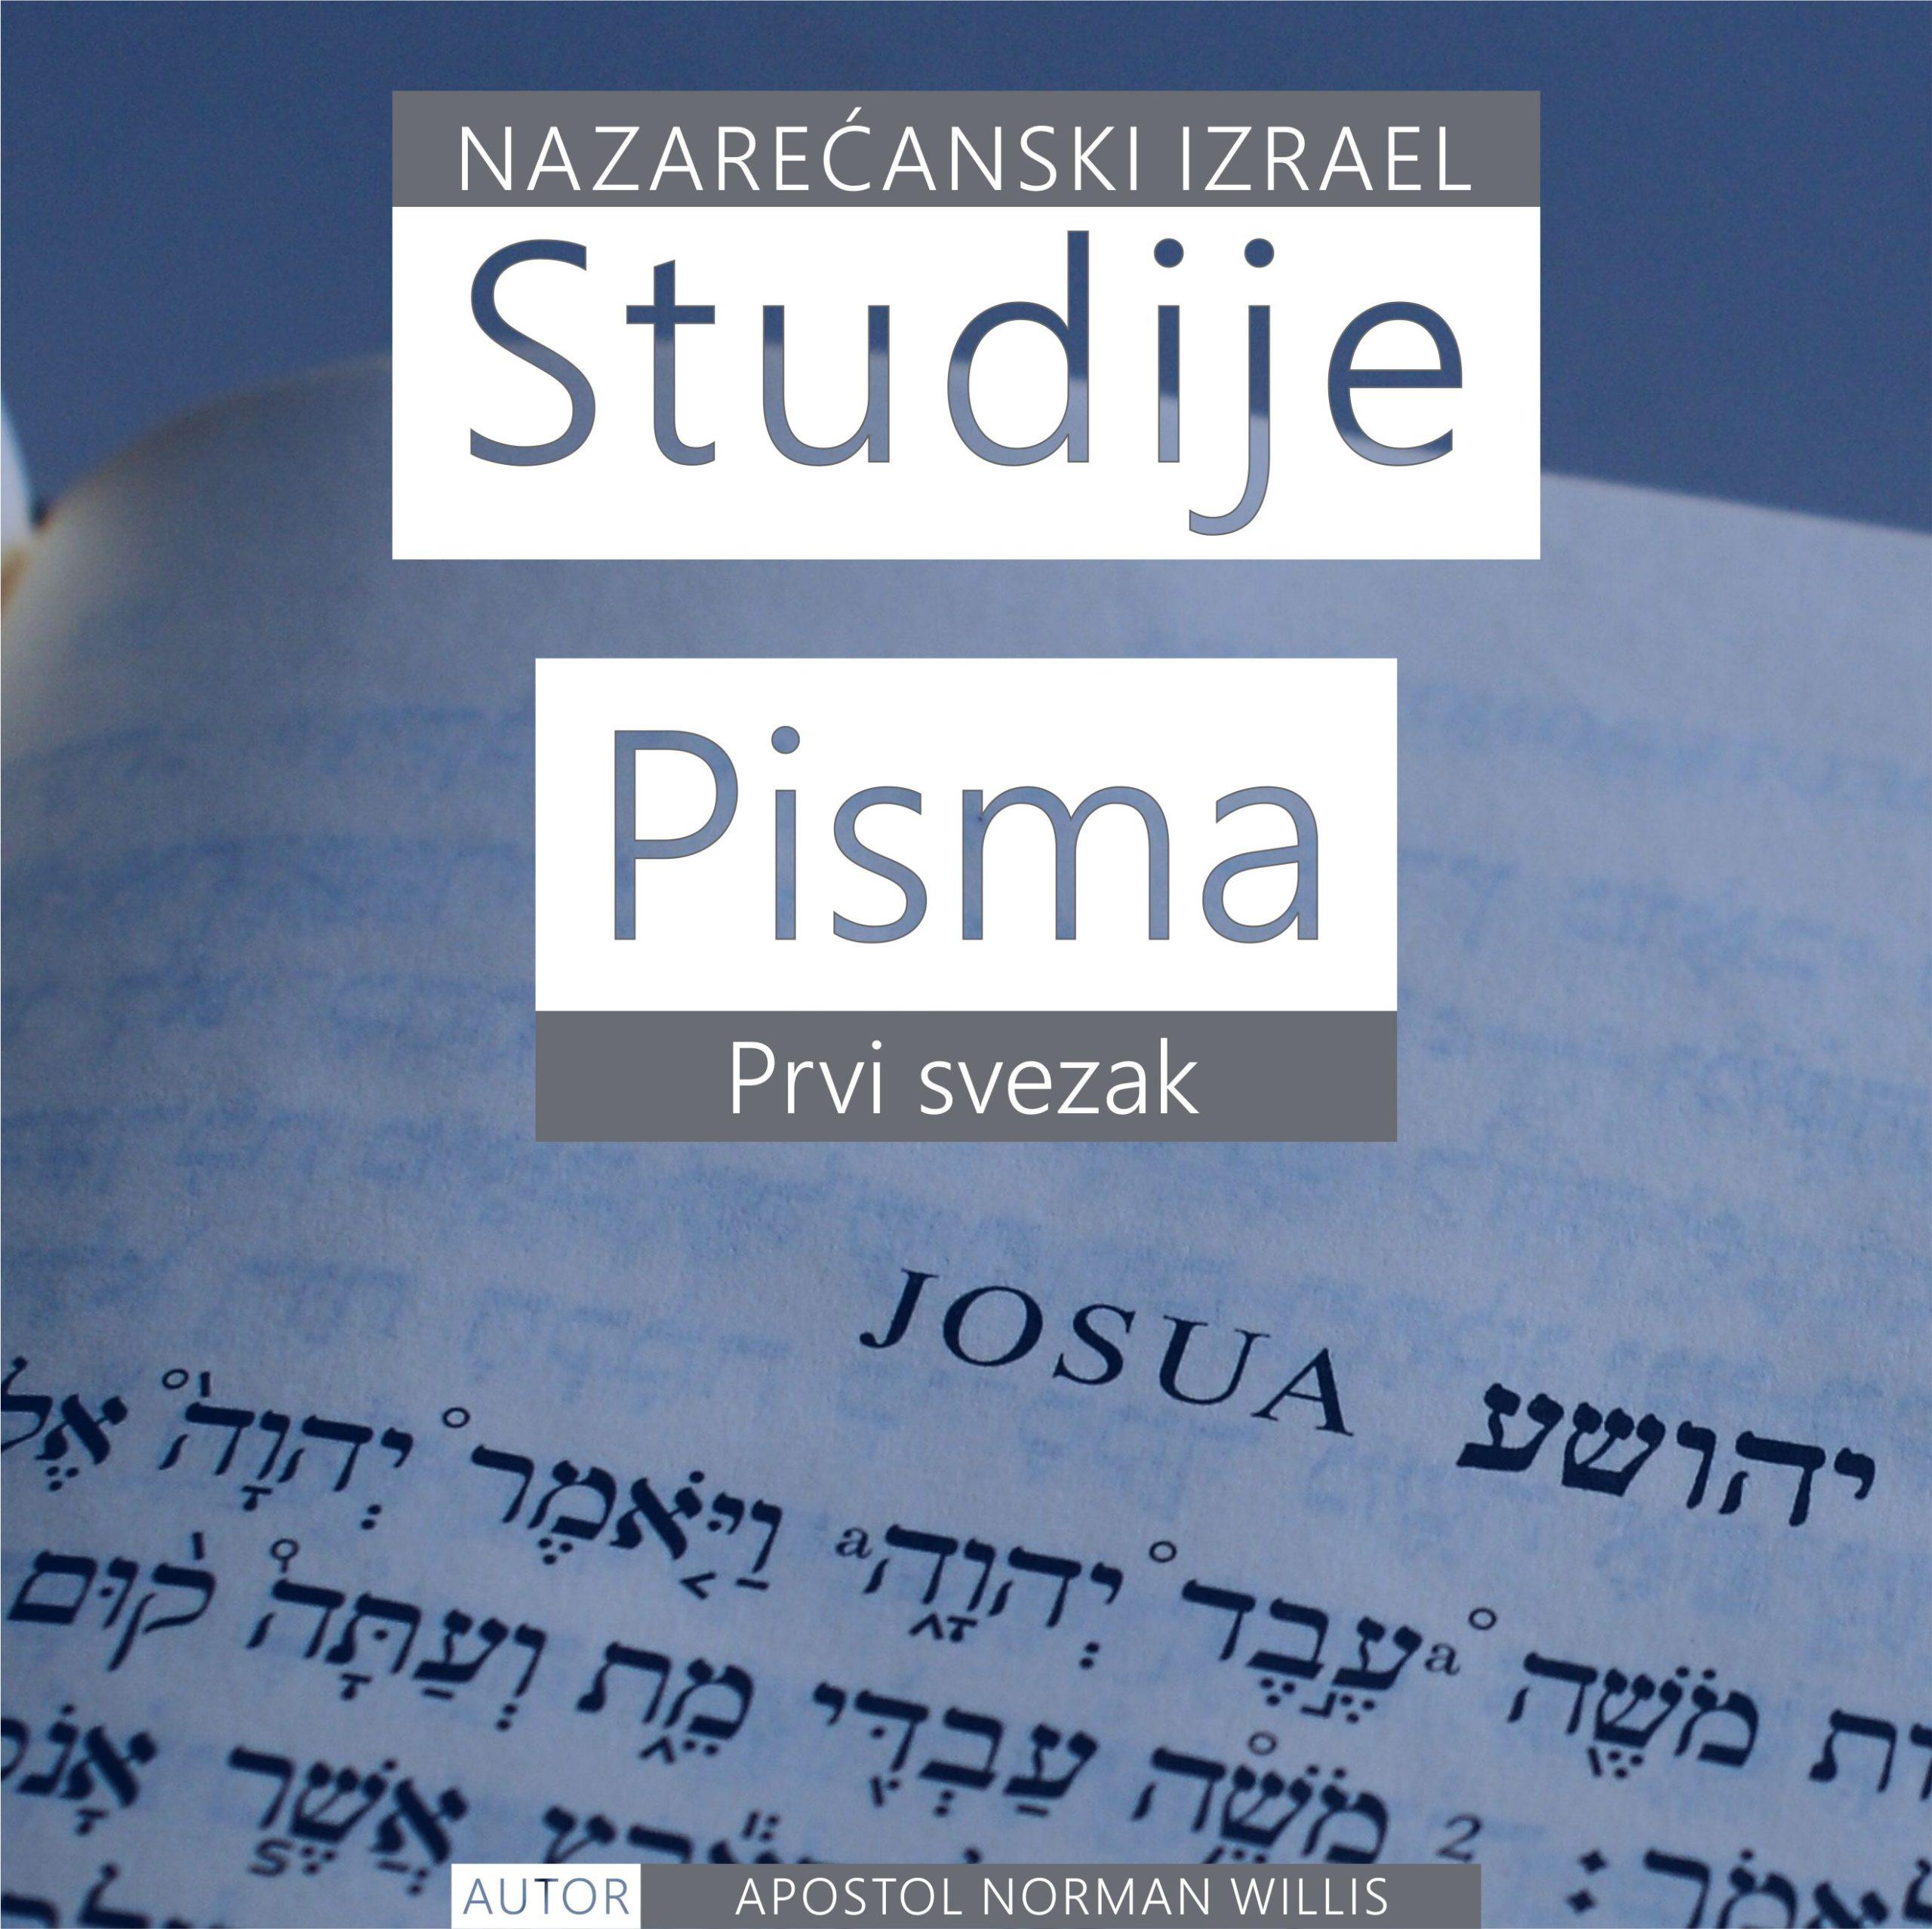 Nazarećanske Studije Pisma: Prvi svezak